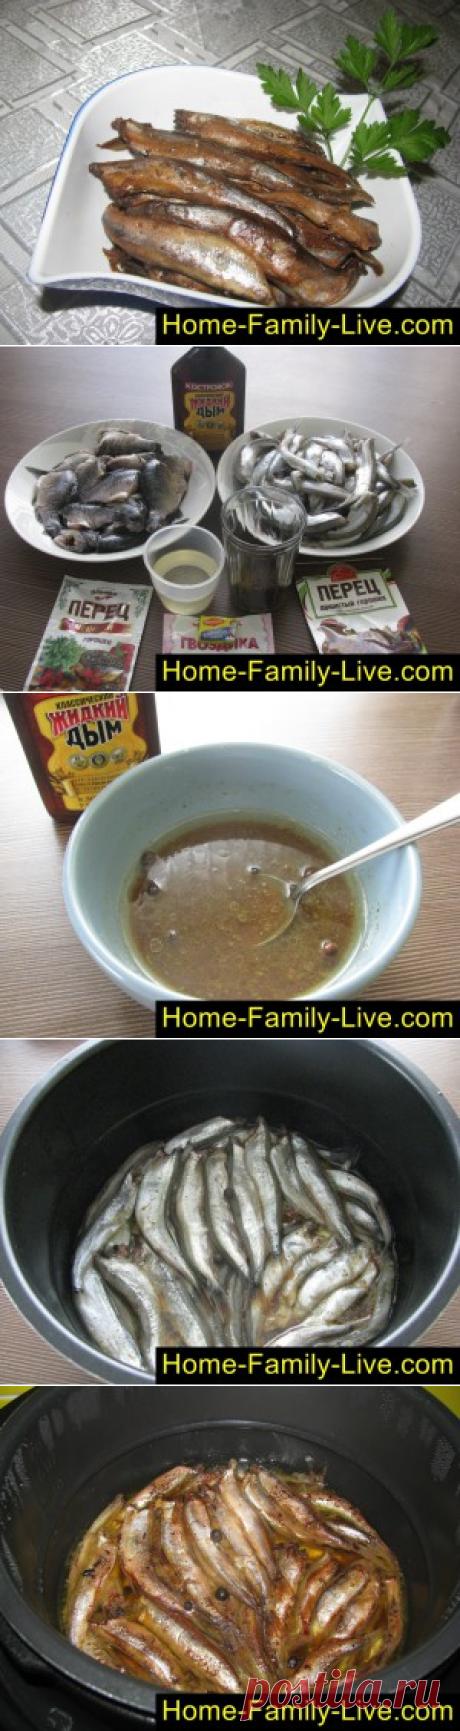 Шпроты в мультиварке/Сайт с пошаговыми рецептами с фото для тех кто любит готовить